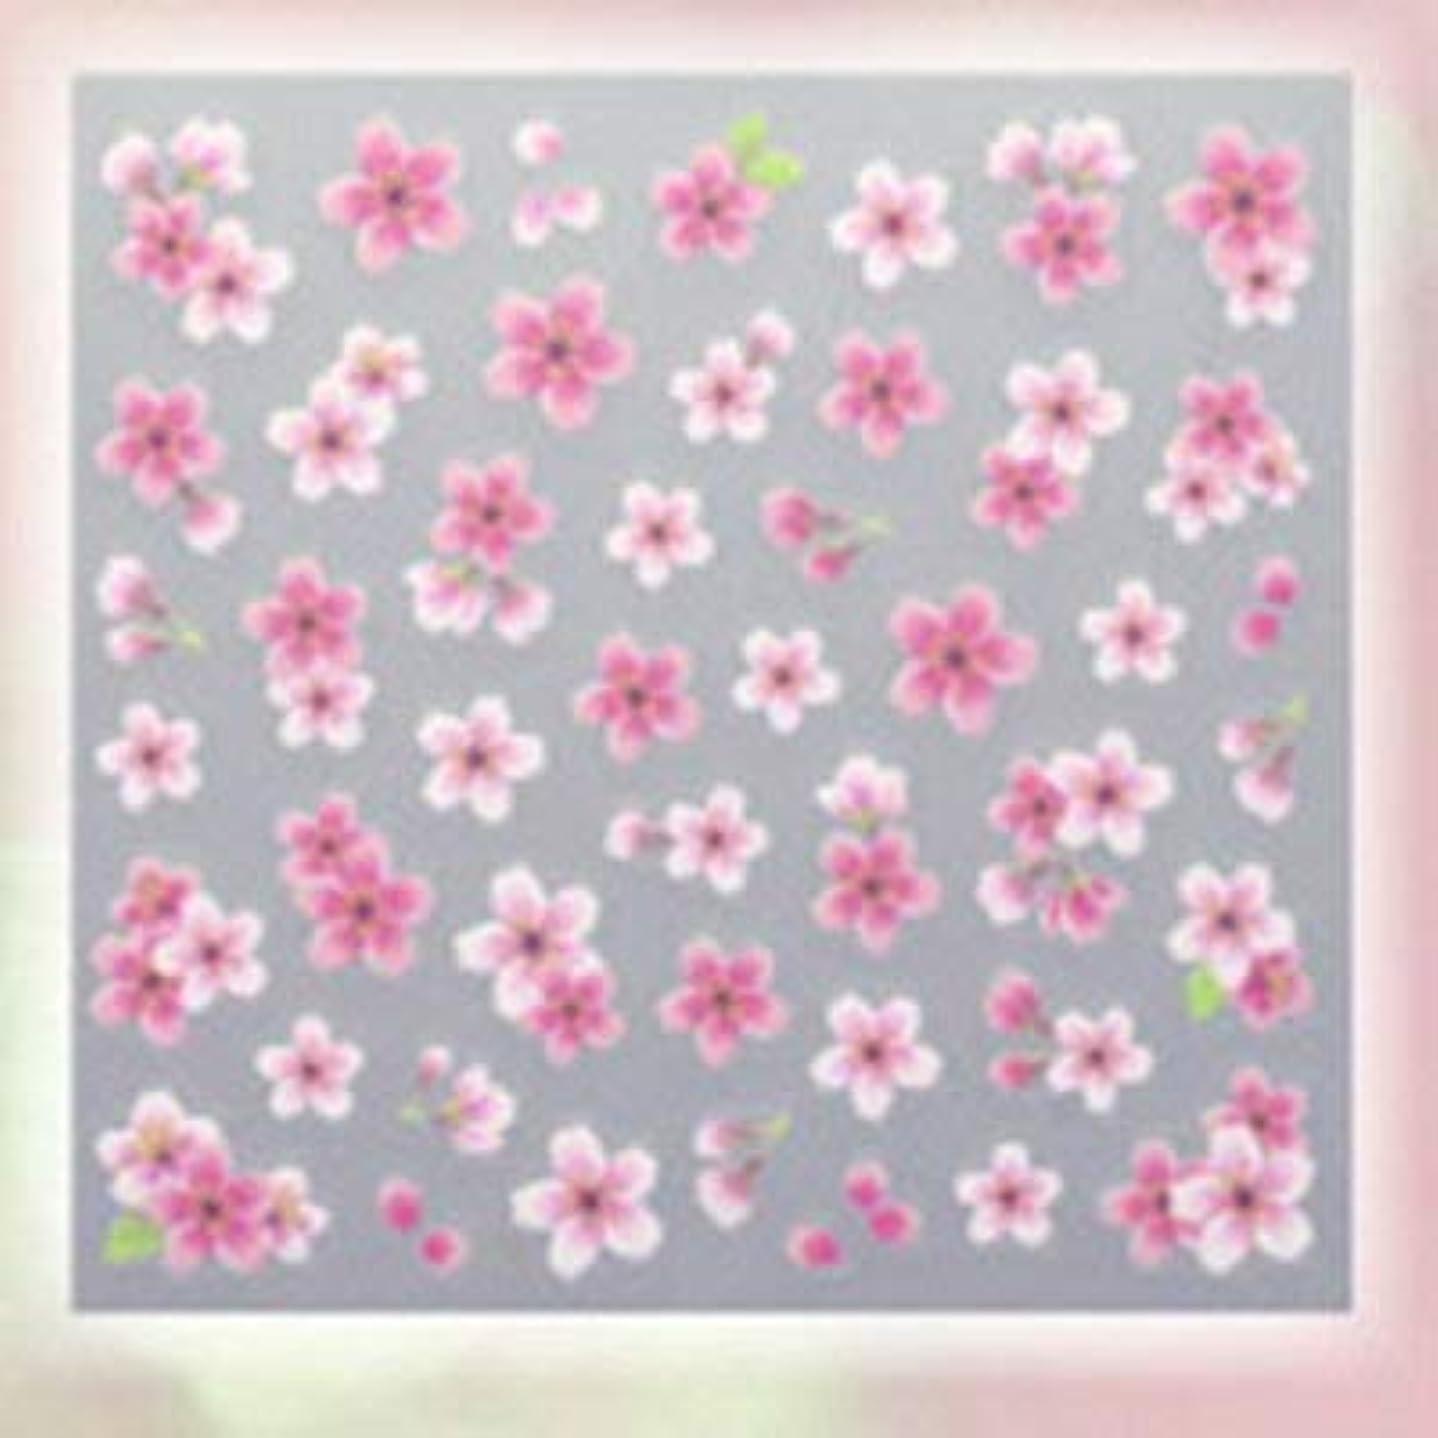 端ふくろう器具SHAREYDVA ネイルシール 桜 ピンク